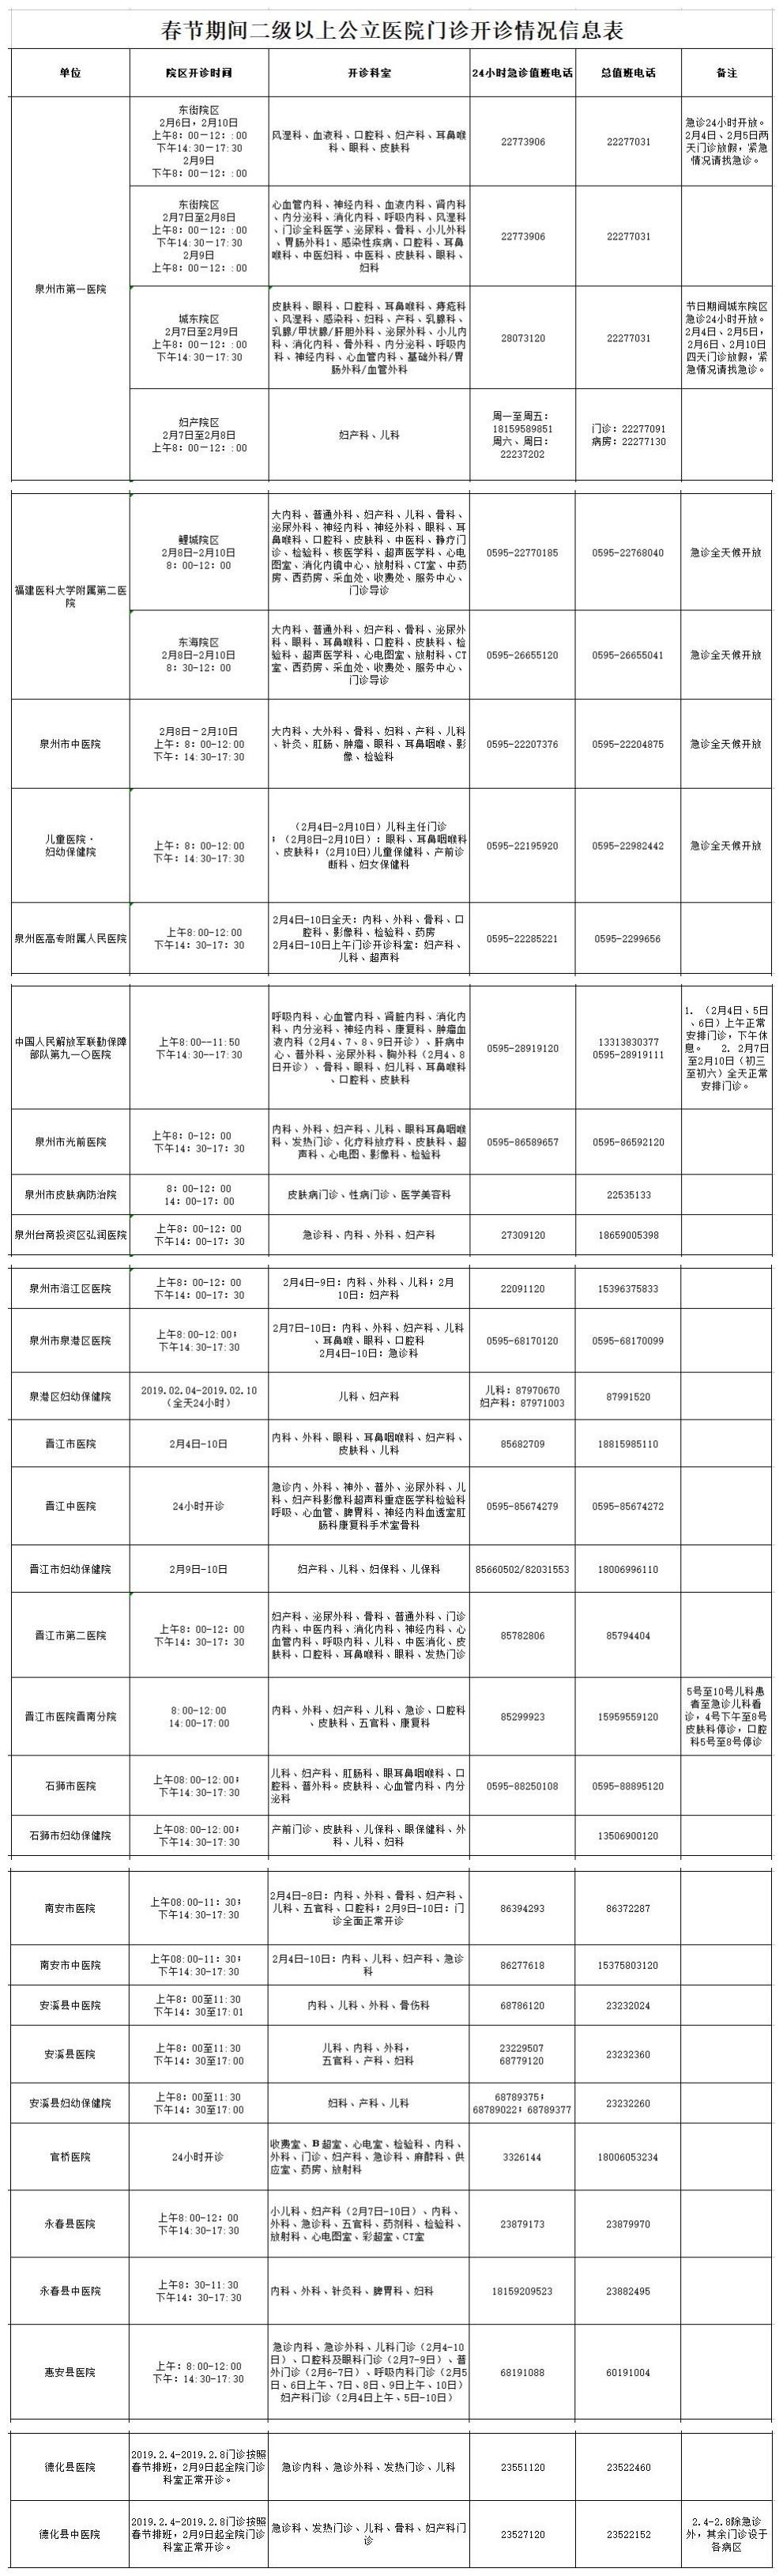 泉州市二级以上公立医院春节假期门诊开诊时间表出炉